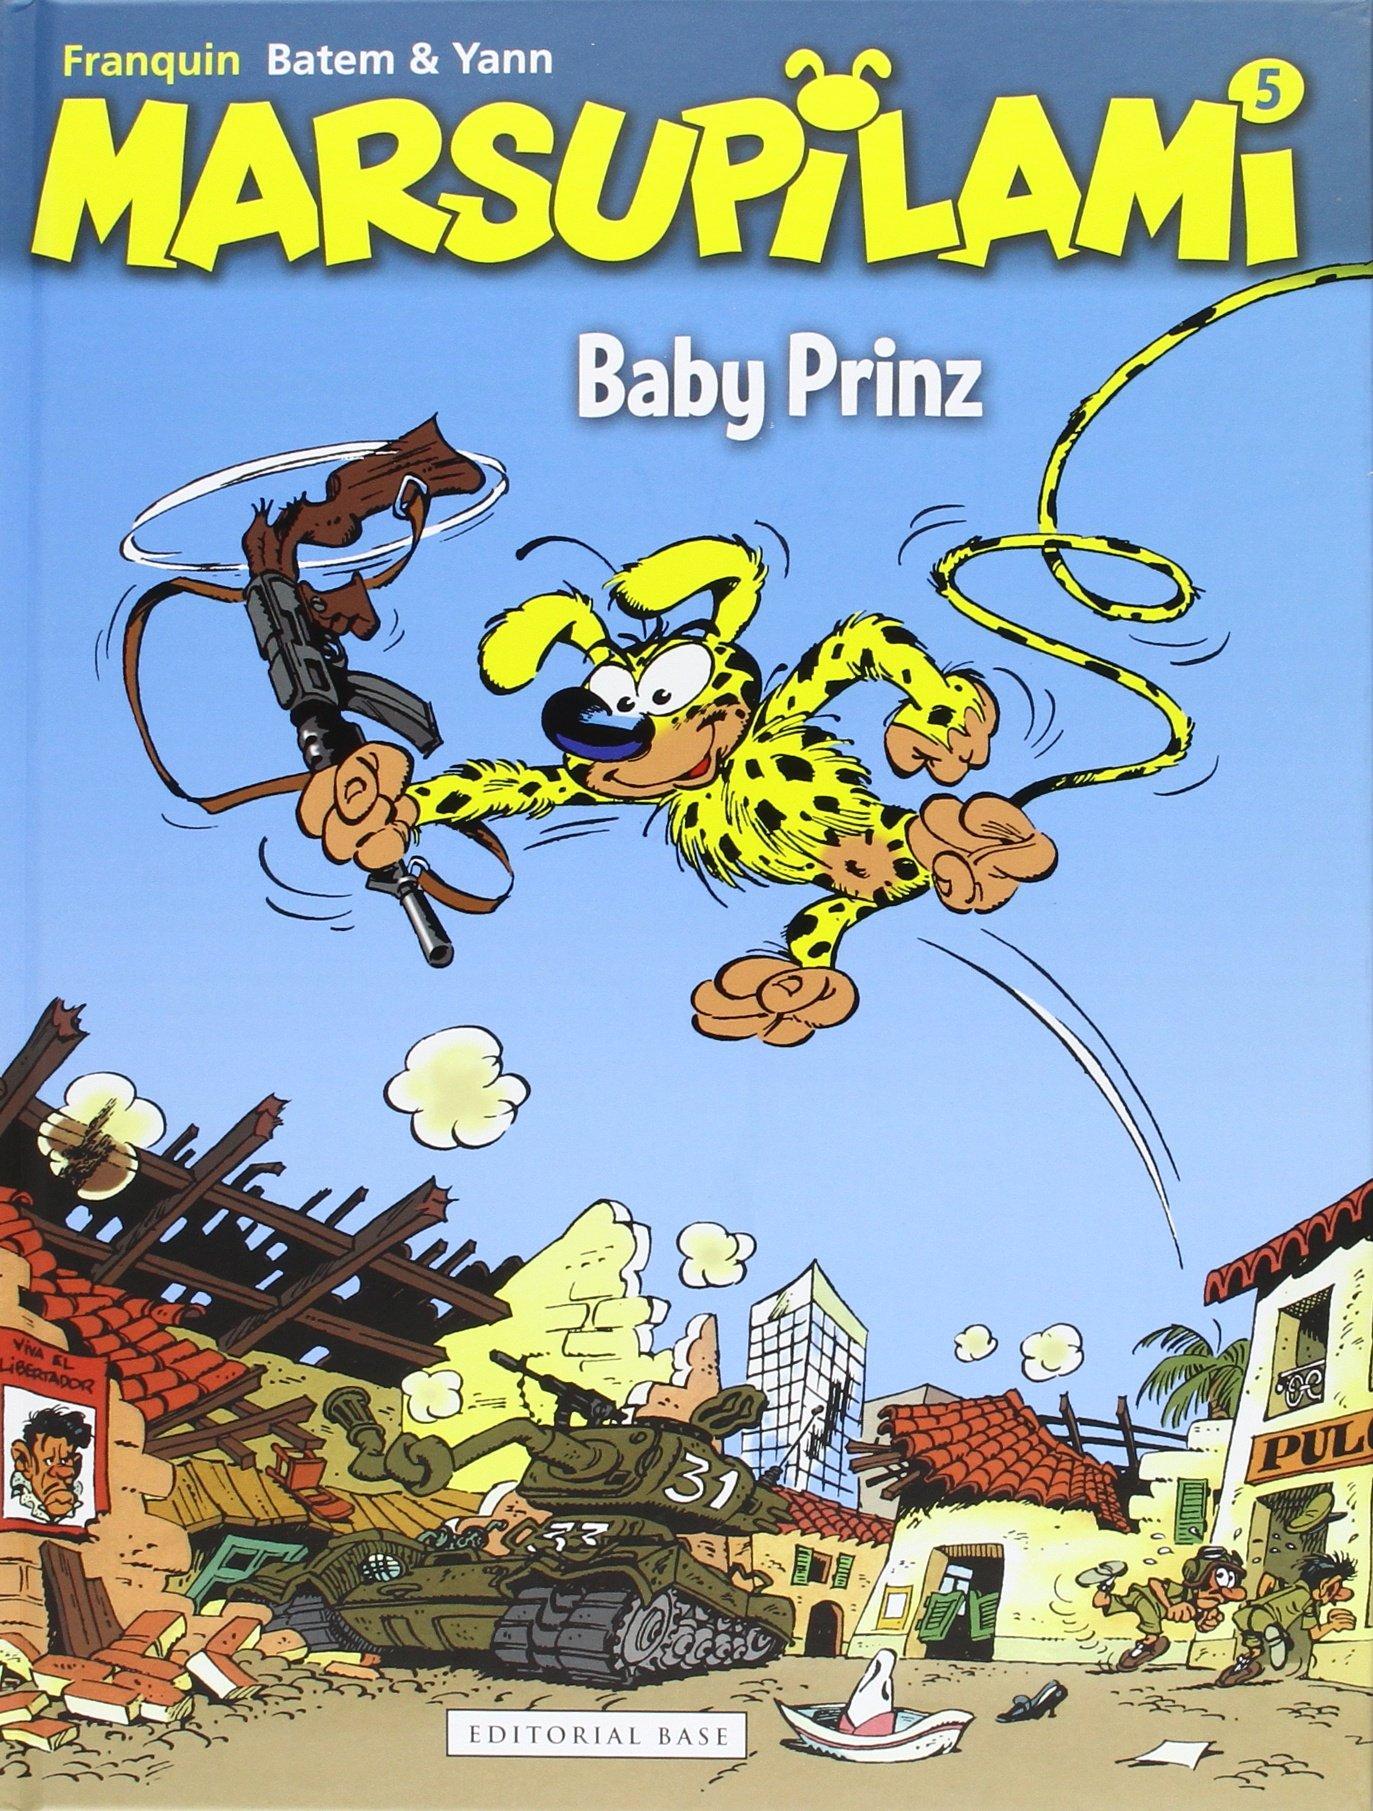 Download MARSUPILAMI 5 BABY PRIN PDF ePub book